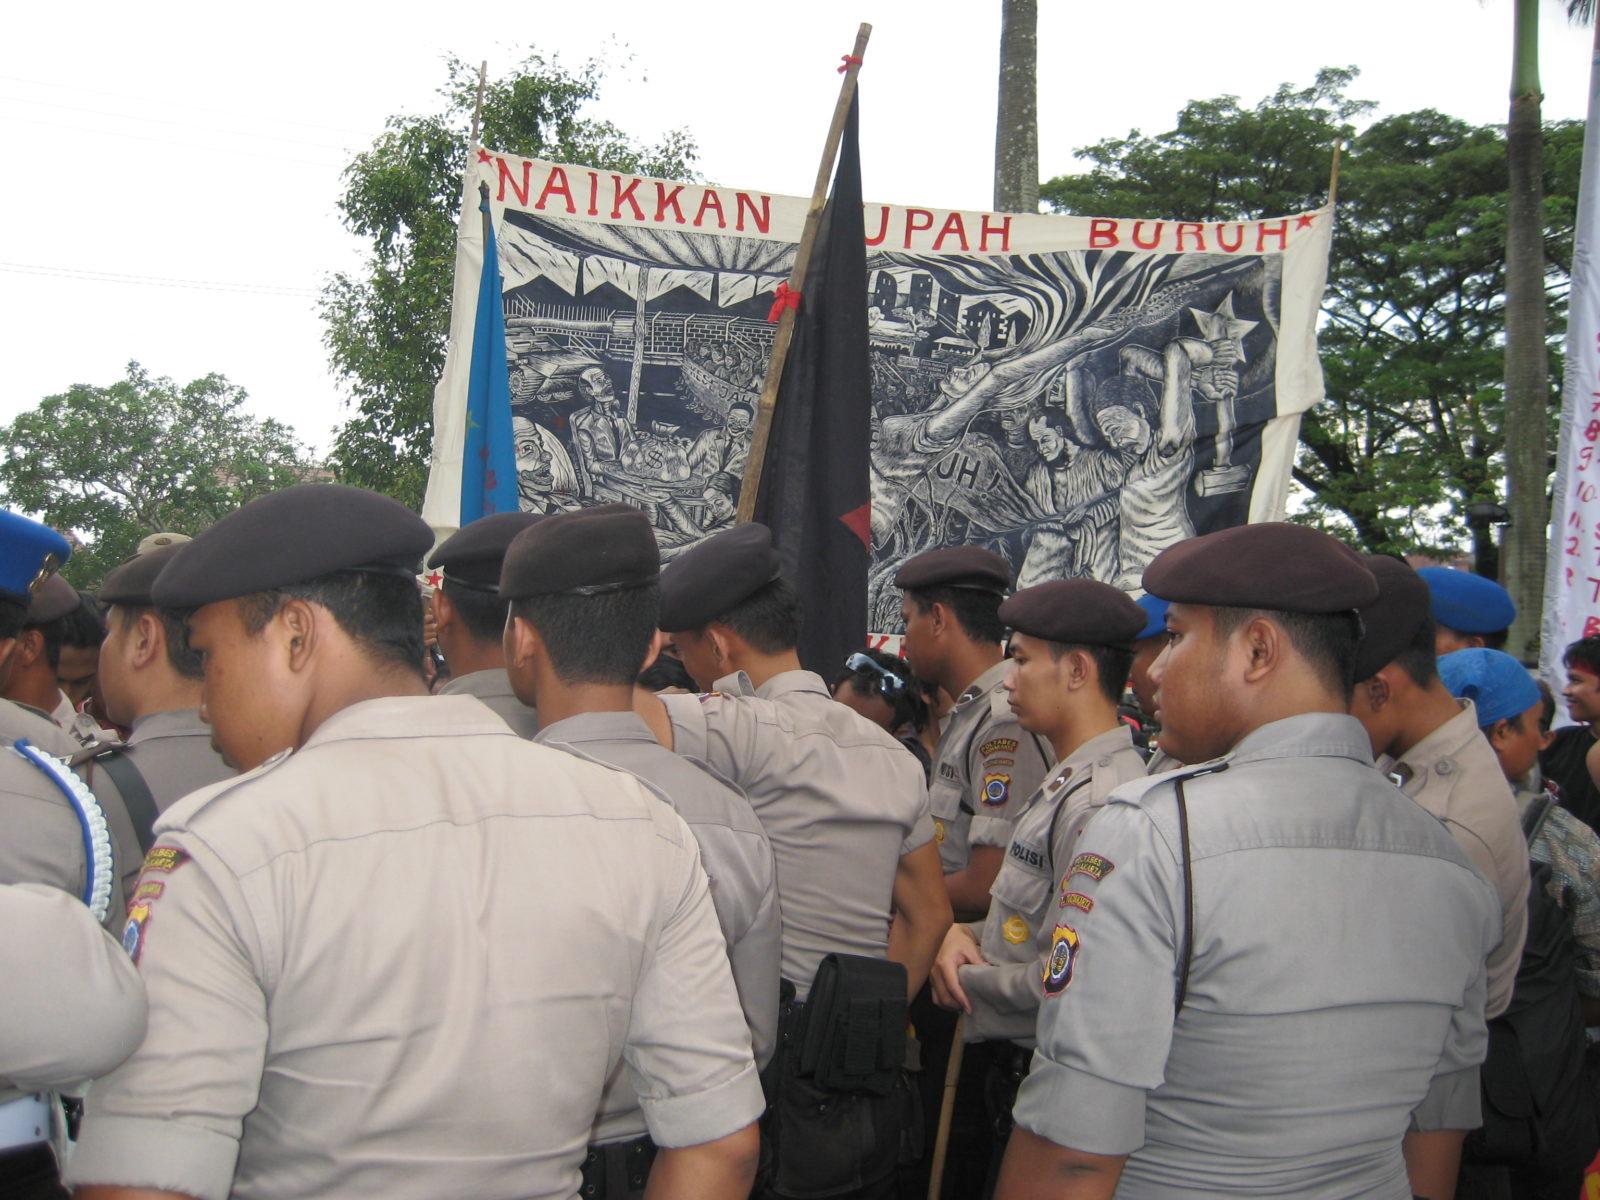 Poster des Künstlerkollektivs Taring Padi mit der Forderung nach Lohnerhöhungen für Arbeiter*innen bei 1. Mai Demo in Yogyakarta (2008) © Taring Padi